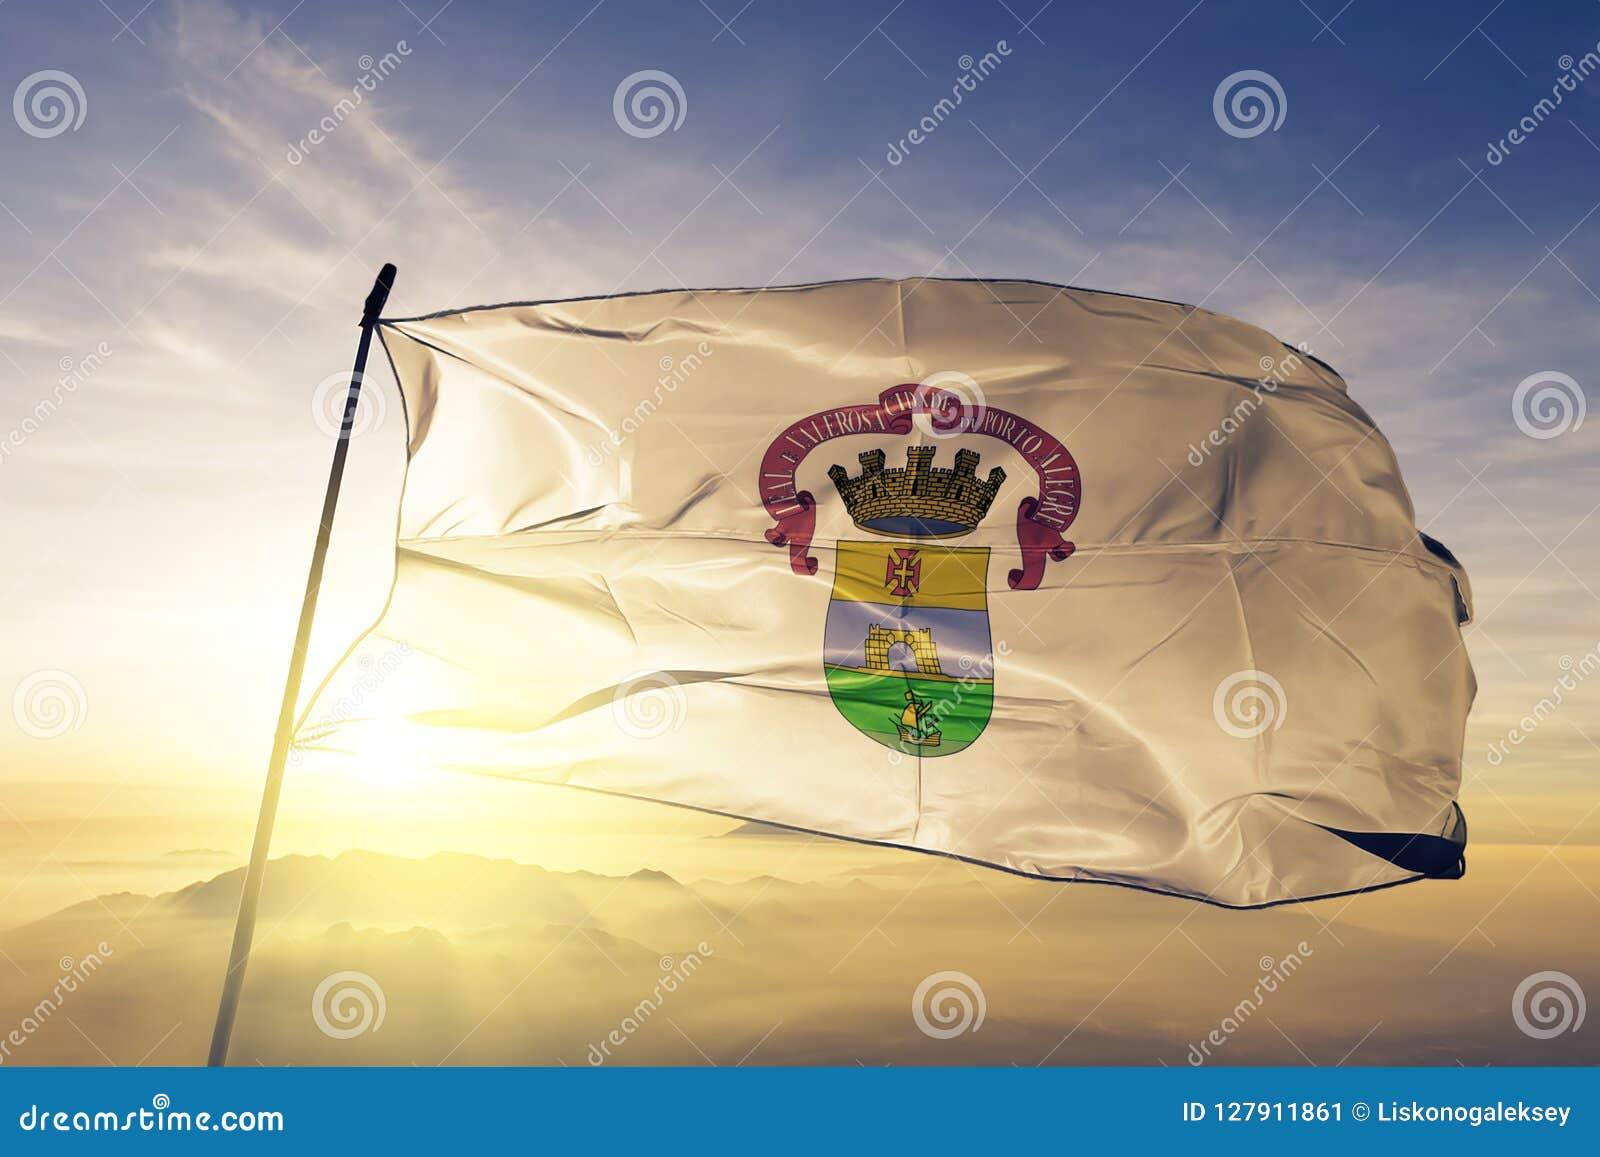 阿雷格里港cityof巴西旗子纺织品挥动在顶面日出薄雾雾的布料织品